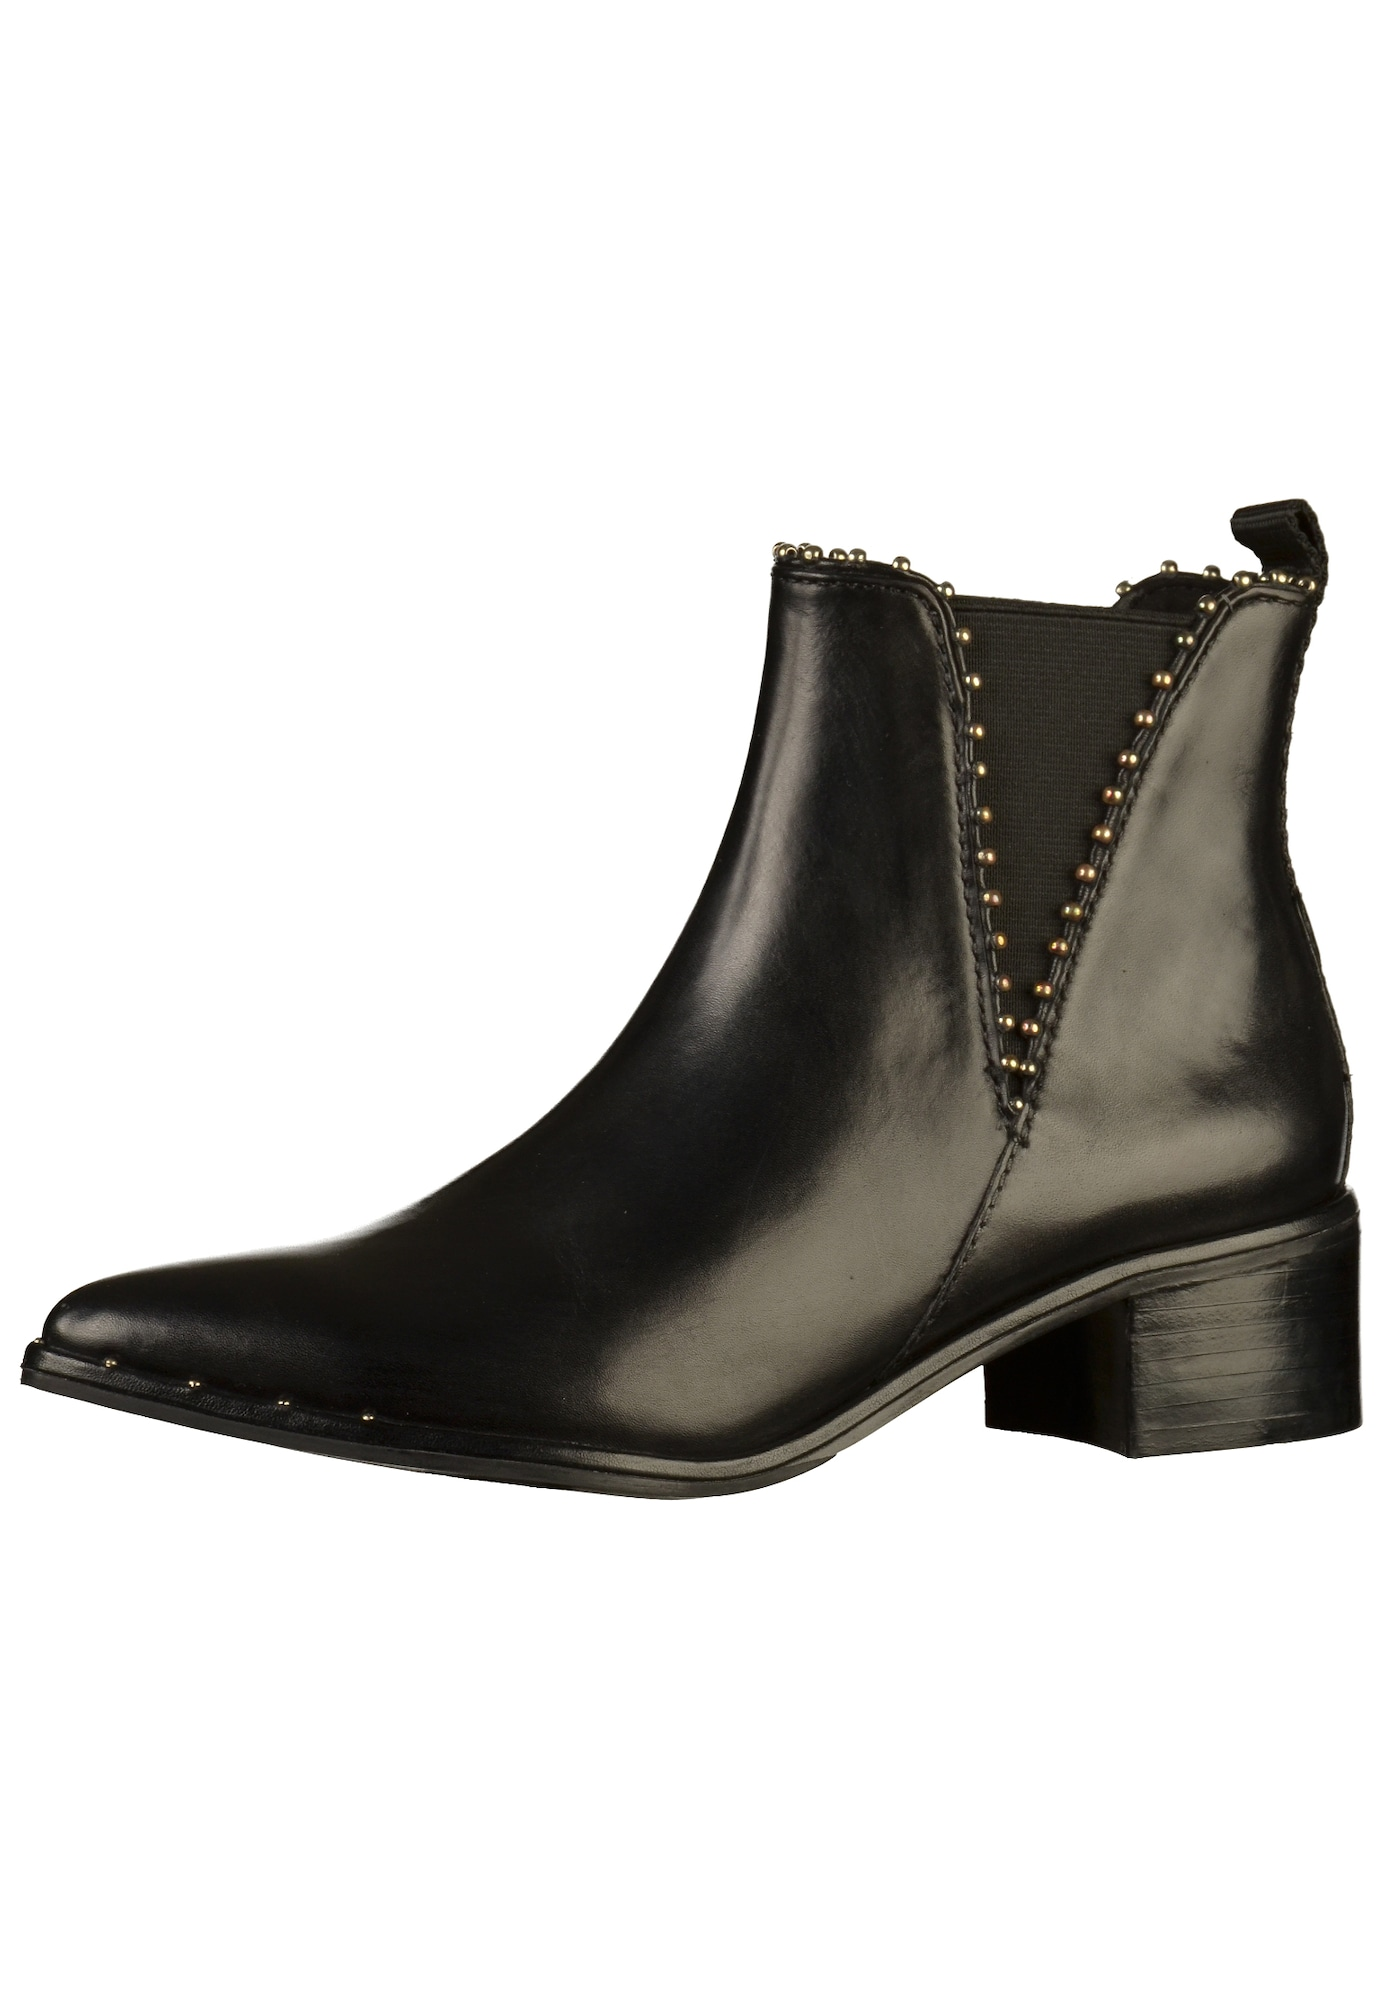 Kotníkové boty Ballemi černá SPM